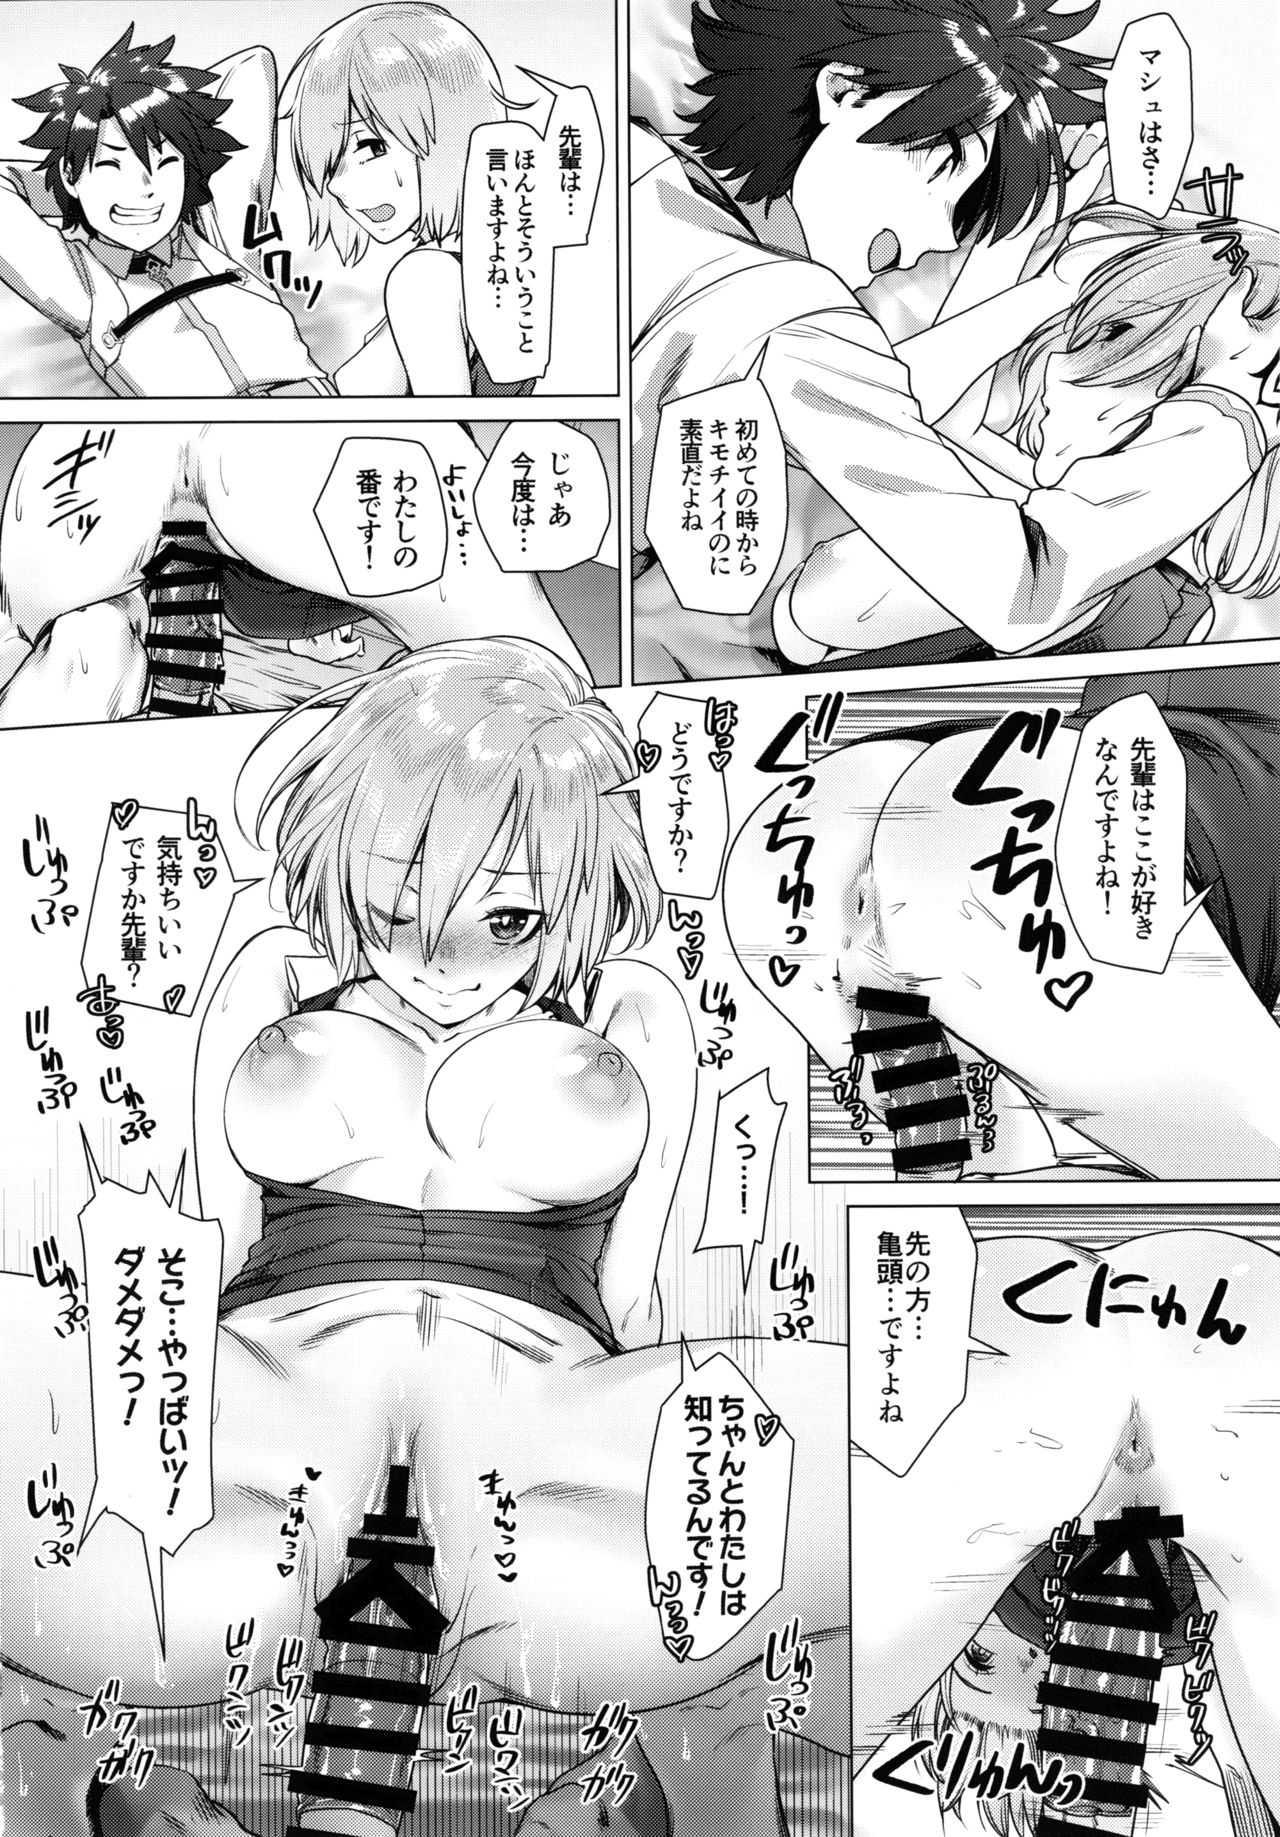 【エロ同人誌】メイヴから教わったエロテクでマスターにご奉仕しまくるマシュwww【Fate/Grand Order/C92】